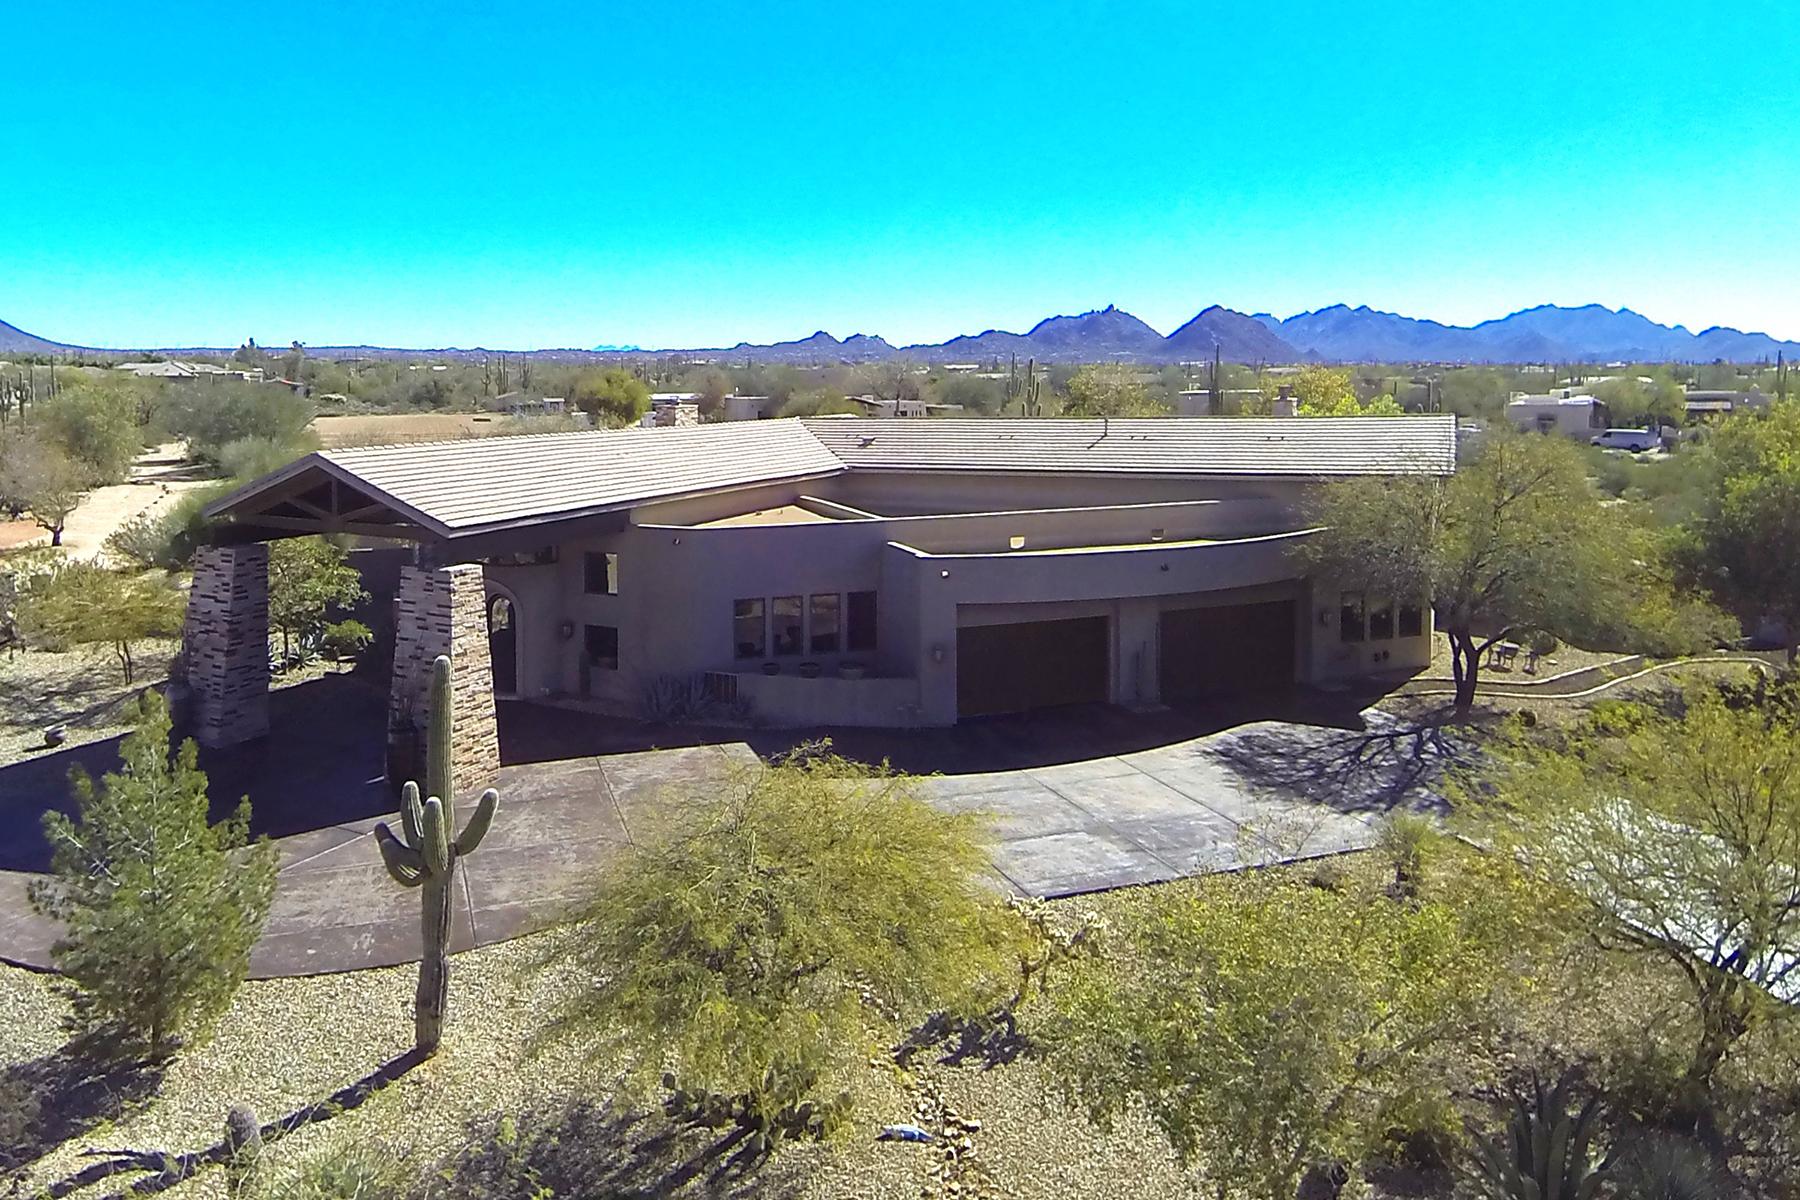 Частный односемейный дом для того Продажа на Magnificent custom home on 2.3 acres 29501 N 76th Street Scottsdale, Аризона, 85266 Соединенные Штаты